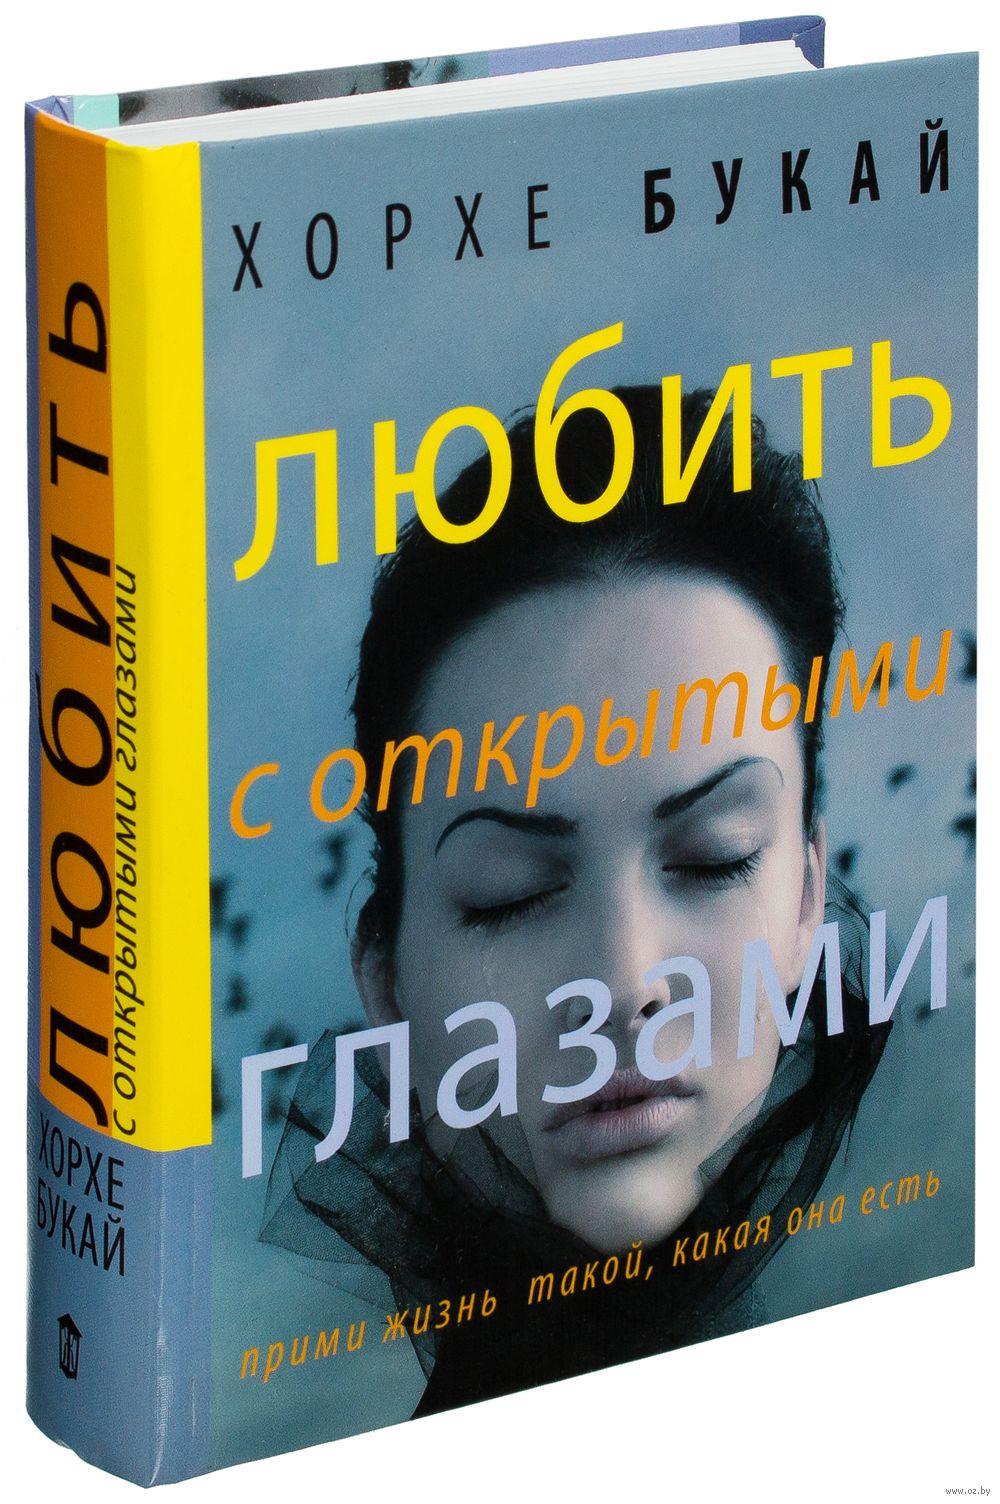 Книга любить с открытыми глазами скачать